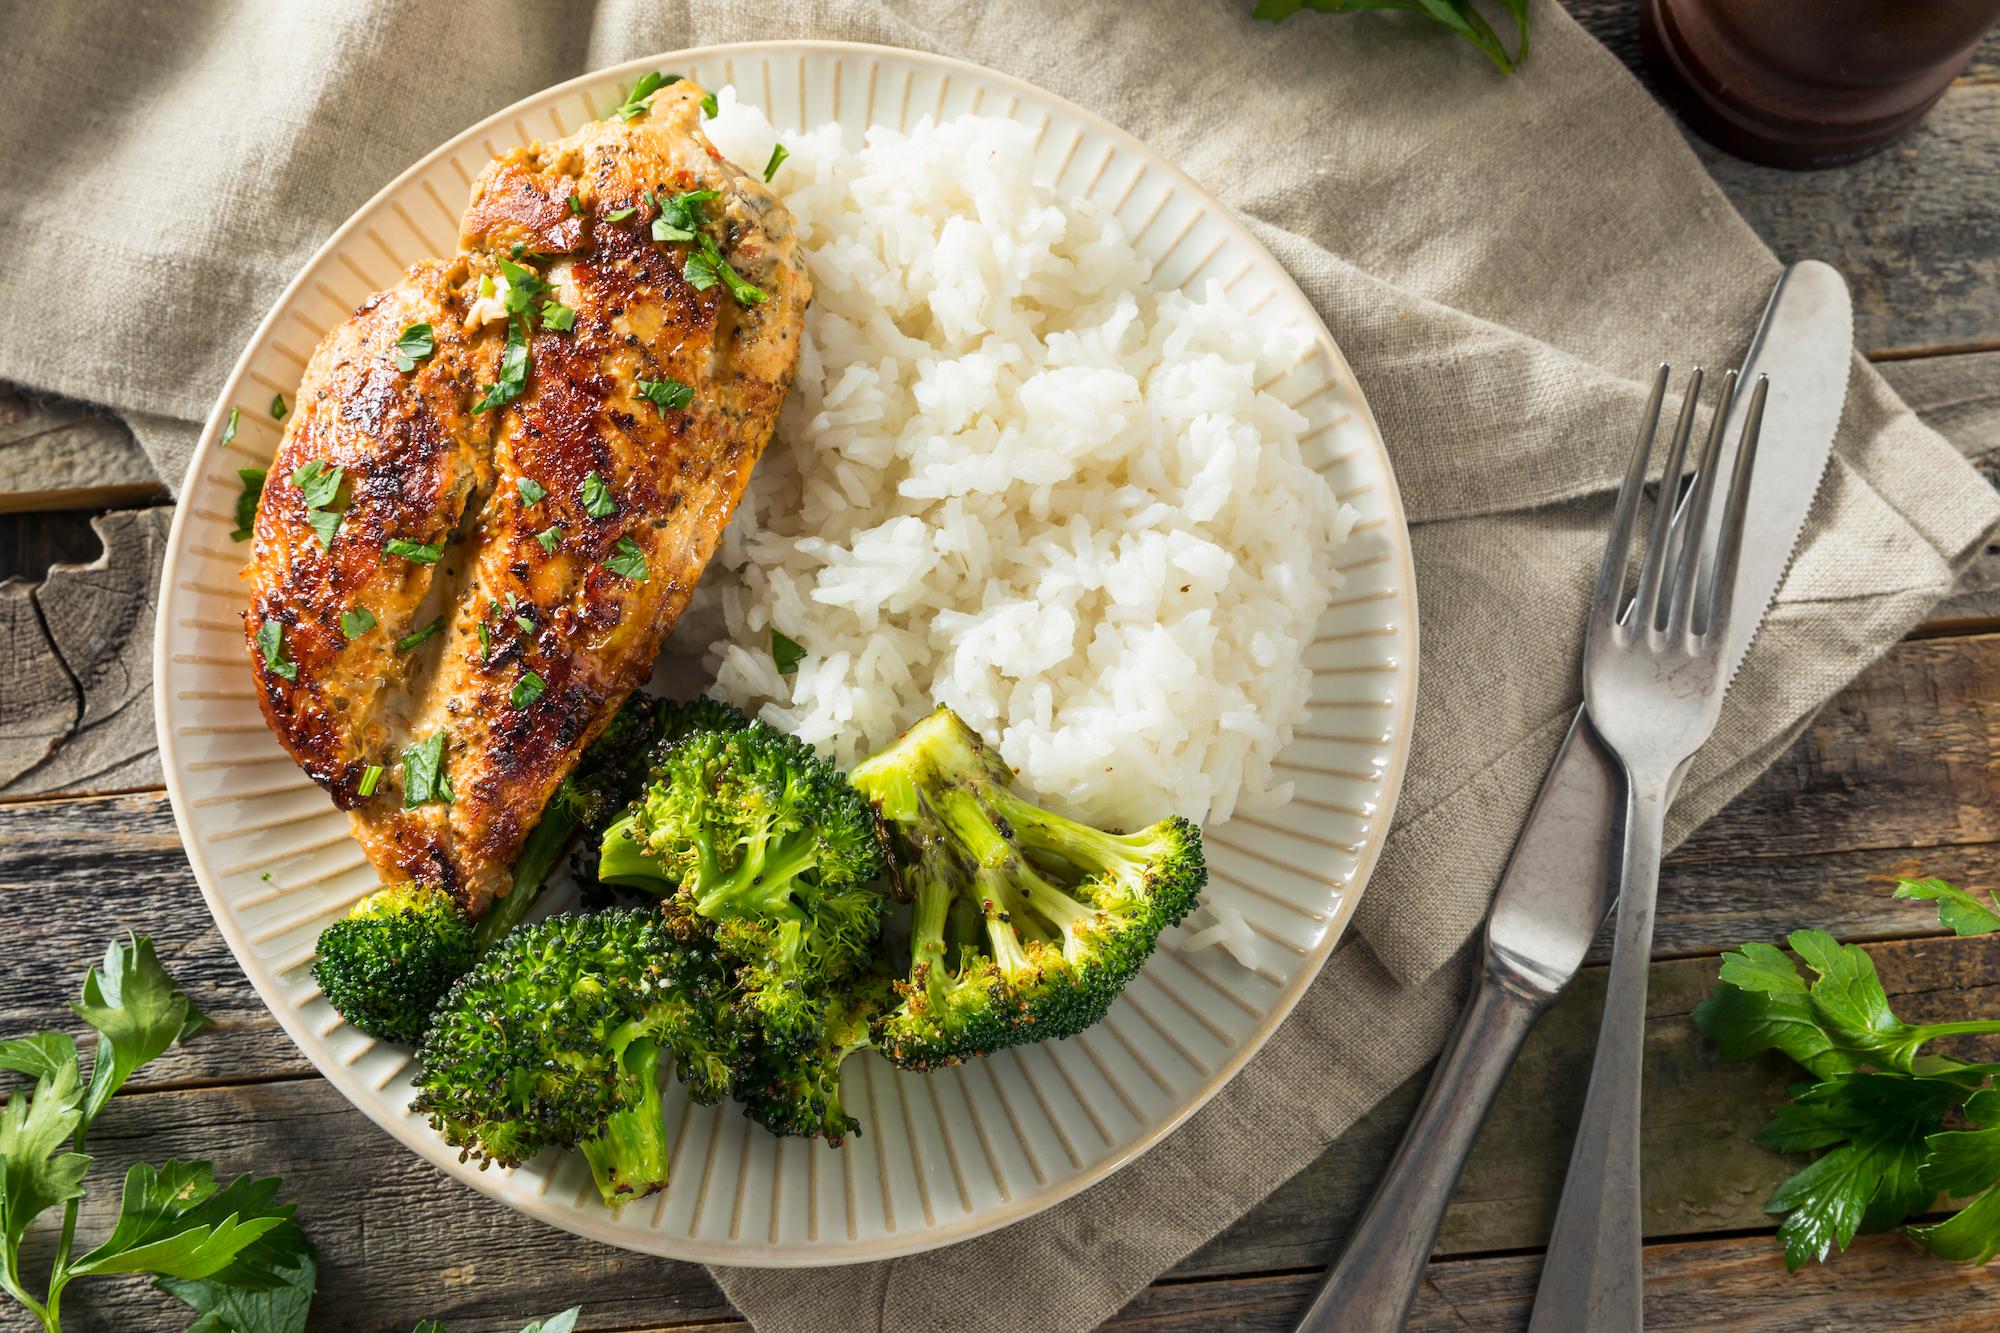 chicken-and-broccoli-diet-1.jpg